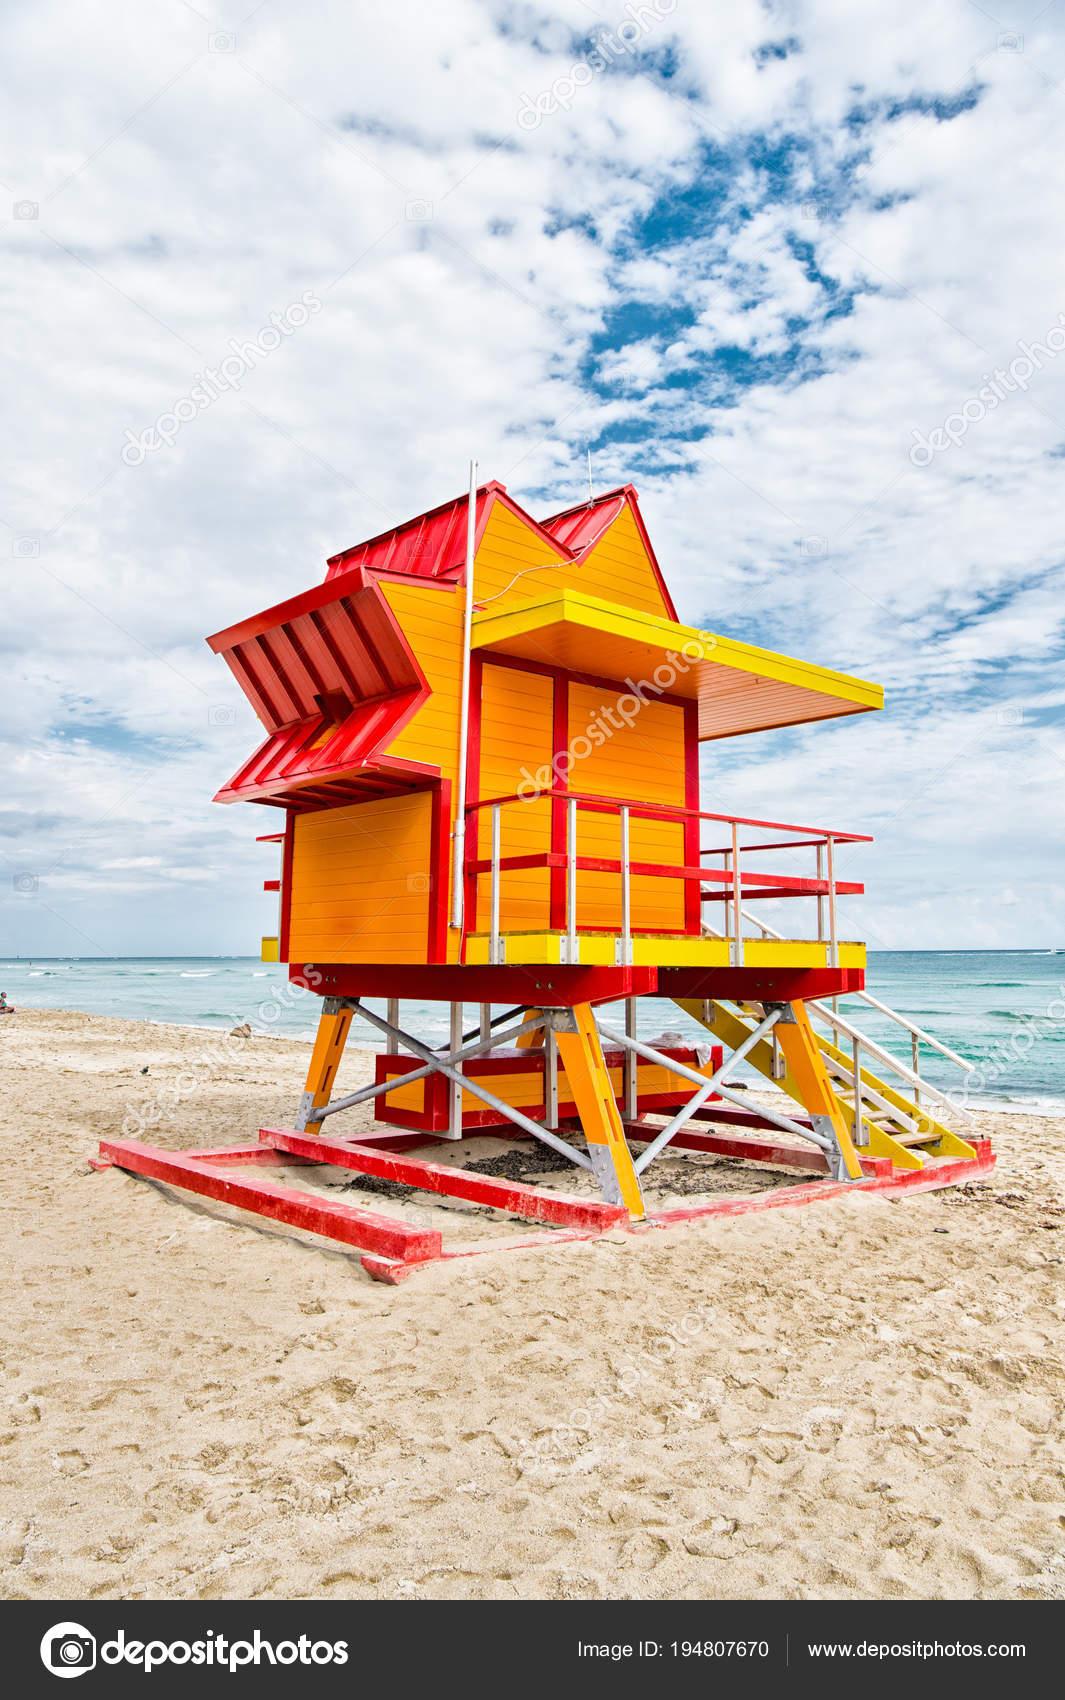 1a79d45b94a1 Plavčík dům na písčité pláži v miami, usa. Věž pro záchranu baywatch ...